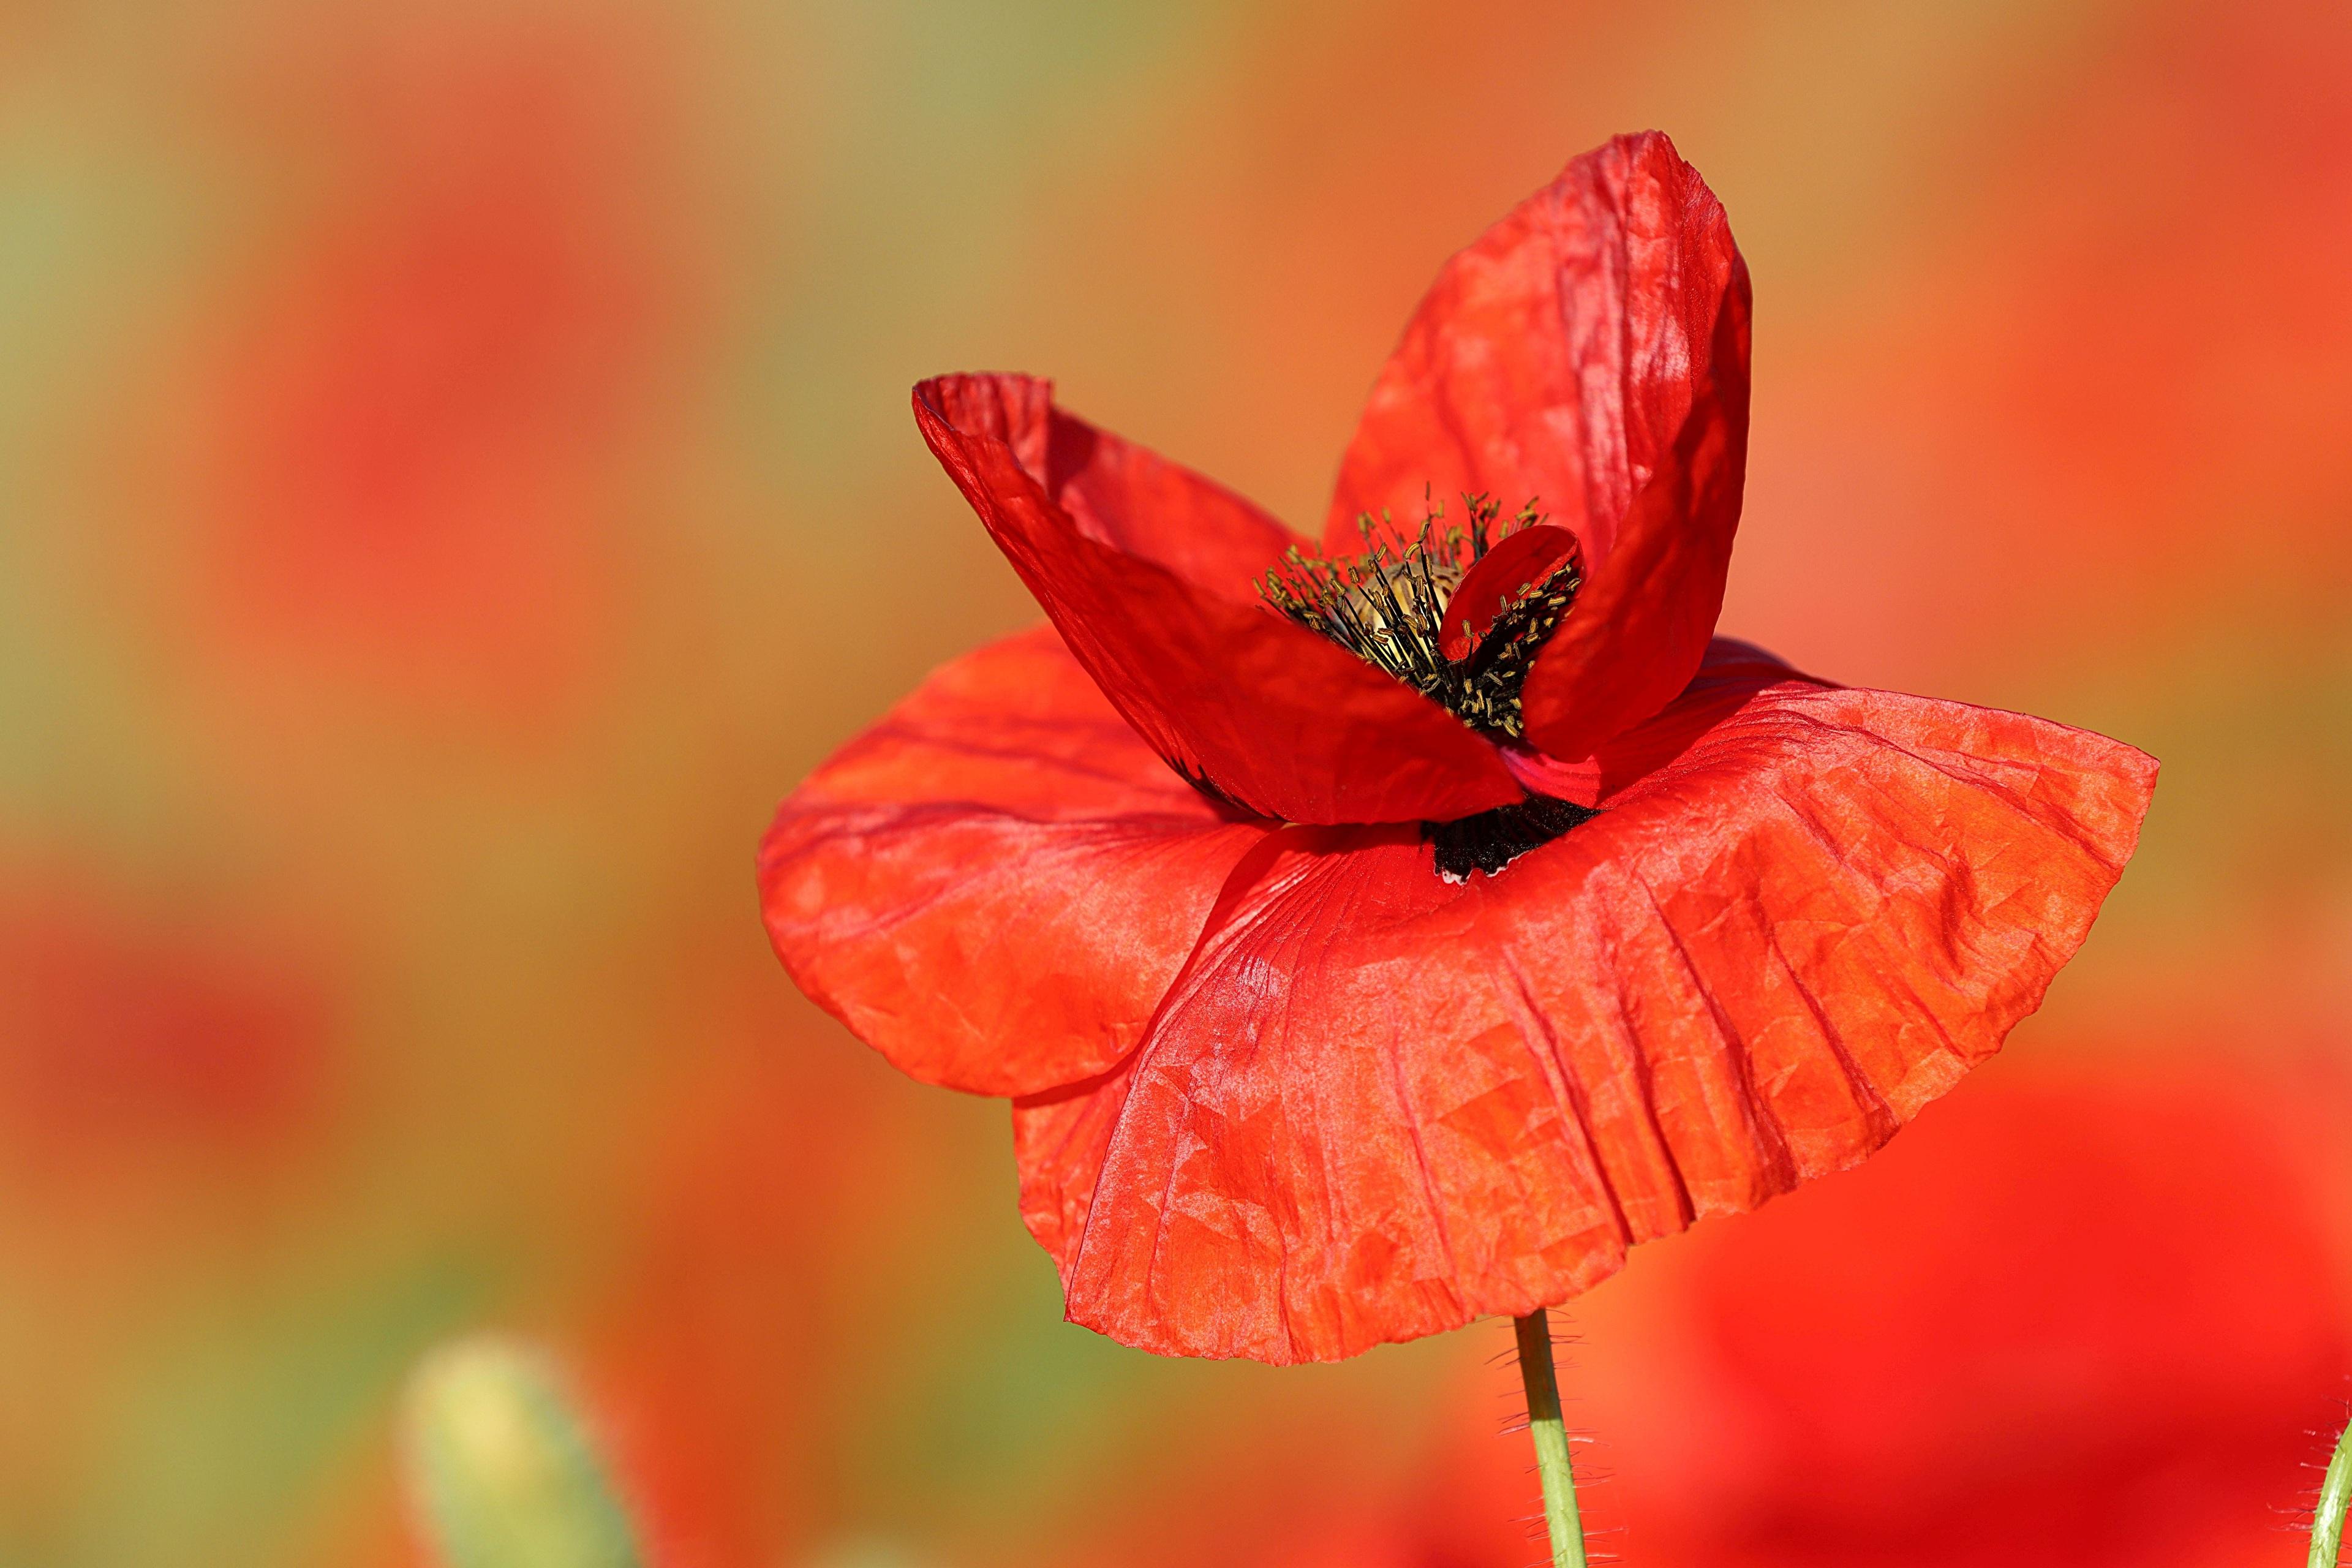 Картинка боке красная мак цветок вблизи 3840x2560 Размытый фон Красный красные красных Маки Цветы Крупным планом